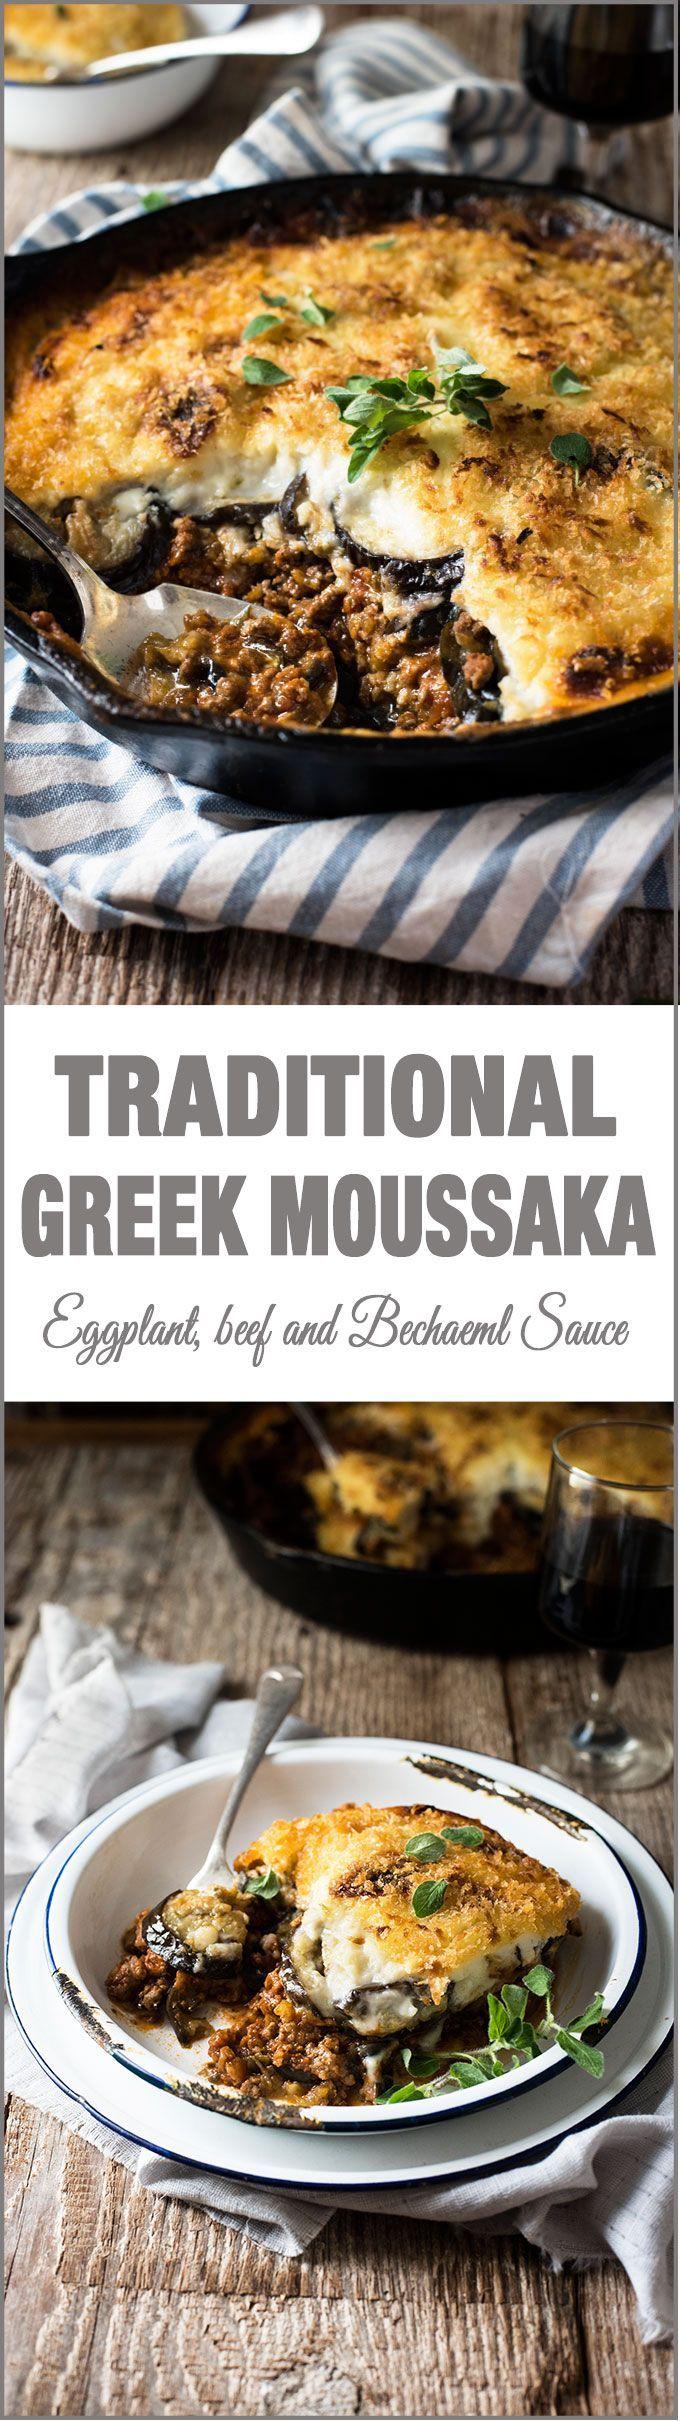 Készíts igazi, hagyományos muszakát, és élvezd a görög ízeket! #nemzetkozikonyha #konyha #recept #moussaka #musaka #muszaka